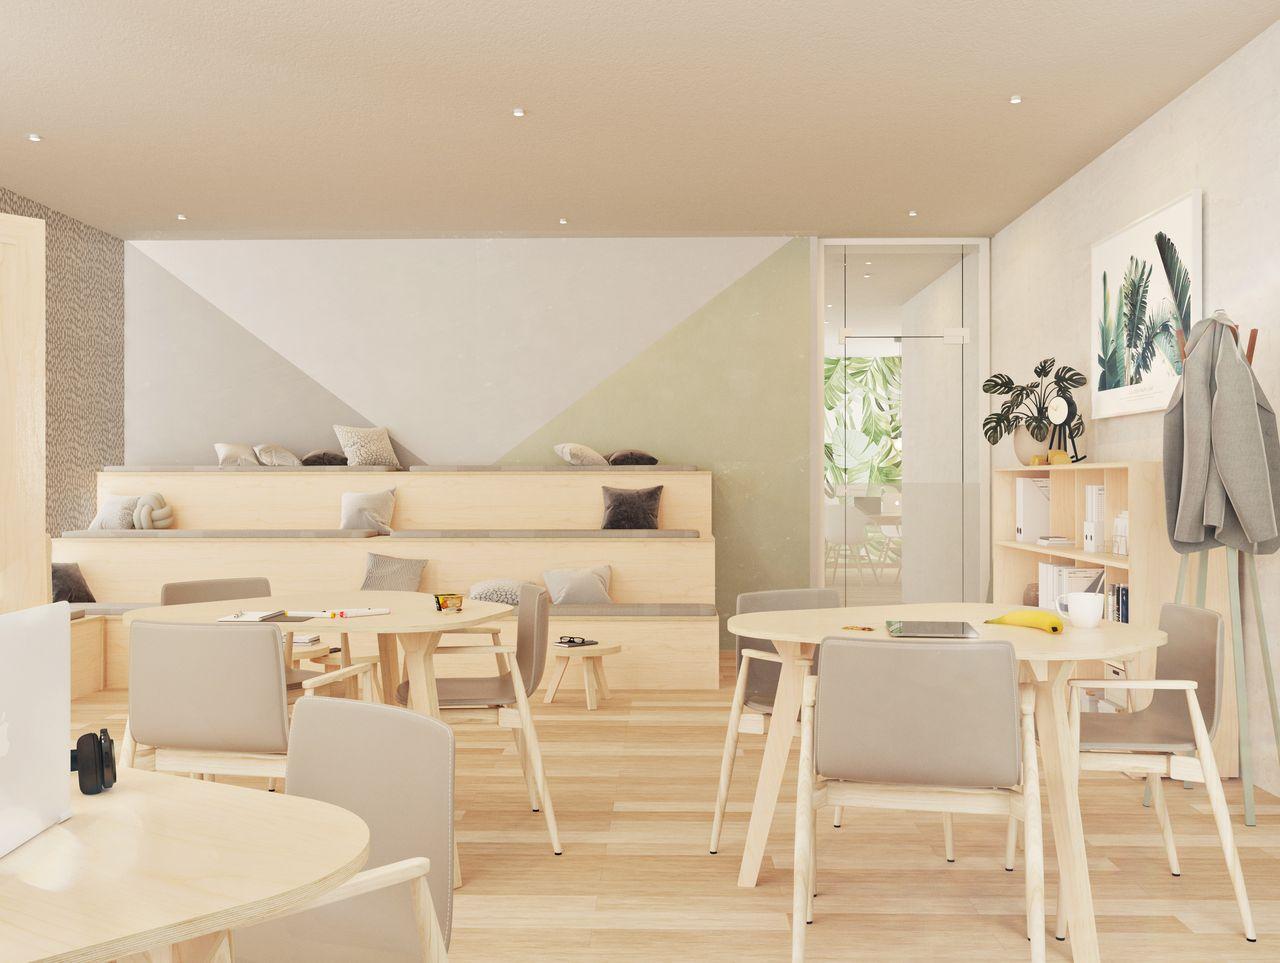 Estrade pour coin lecture en bois sur 3 niveaux avec des coussins colorés dans une salle de réunion informelle avec des plantes et des rangements à l'ambiance scandinave